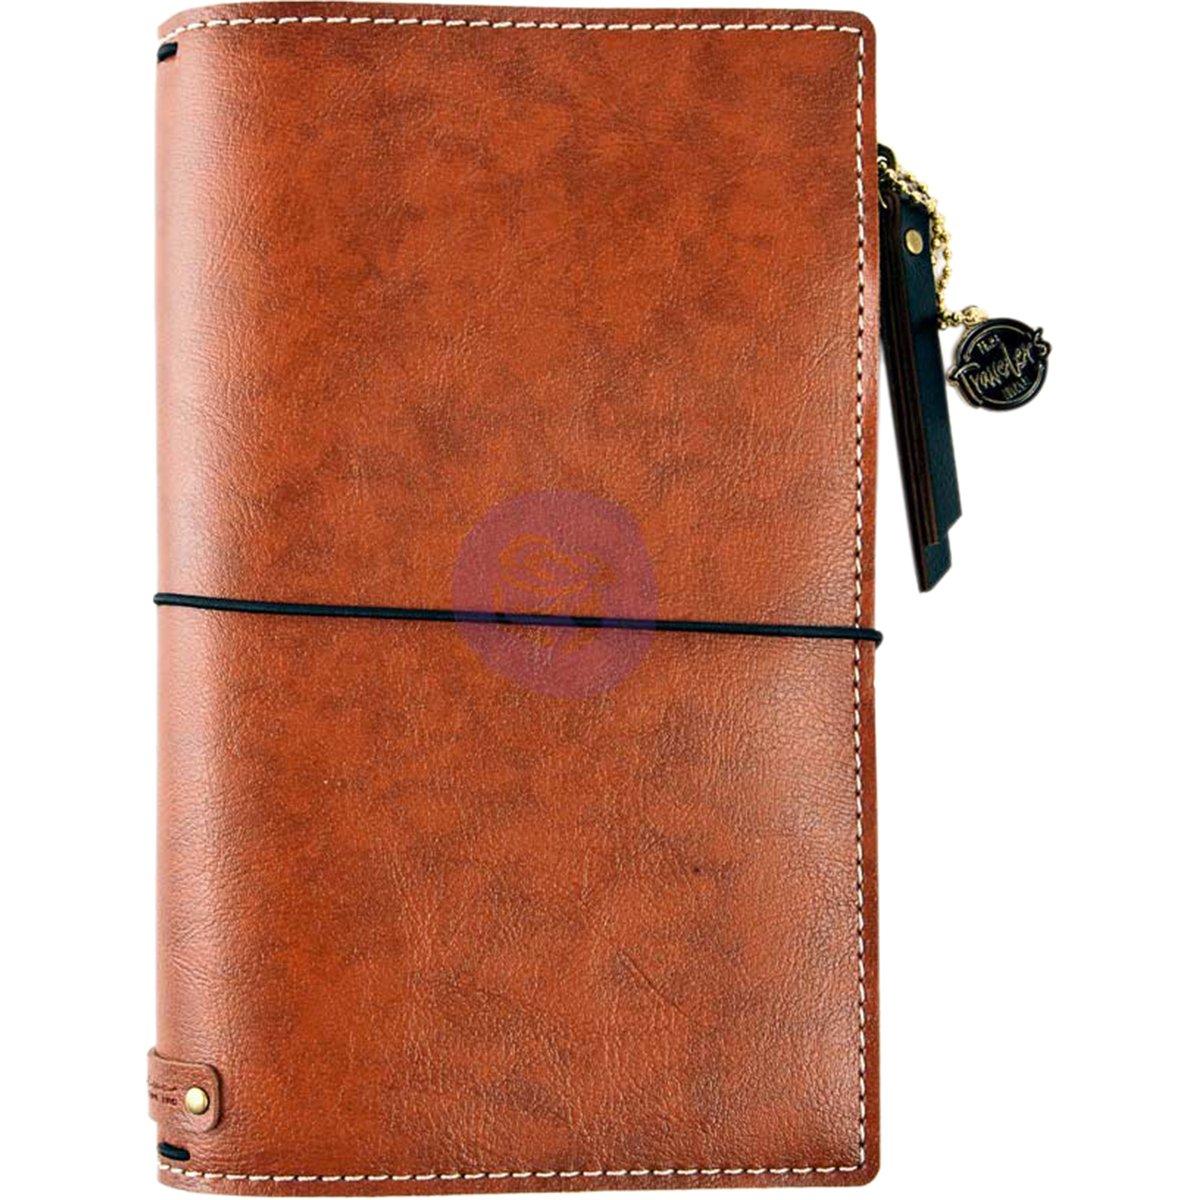 22.35/X 14,73/X 3.55/cm Unbekannt Prima Marketing Traveller s Journal Starter Set Mehrfarbig